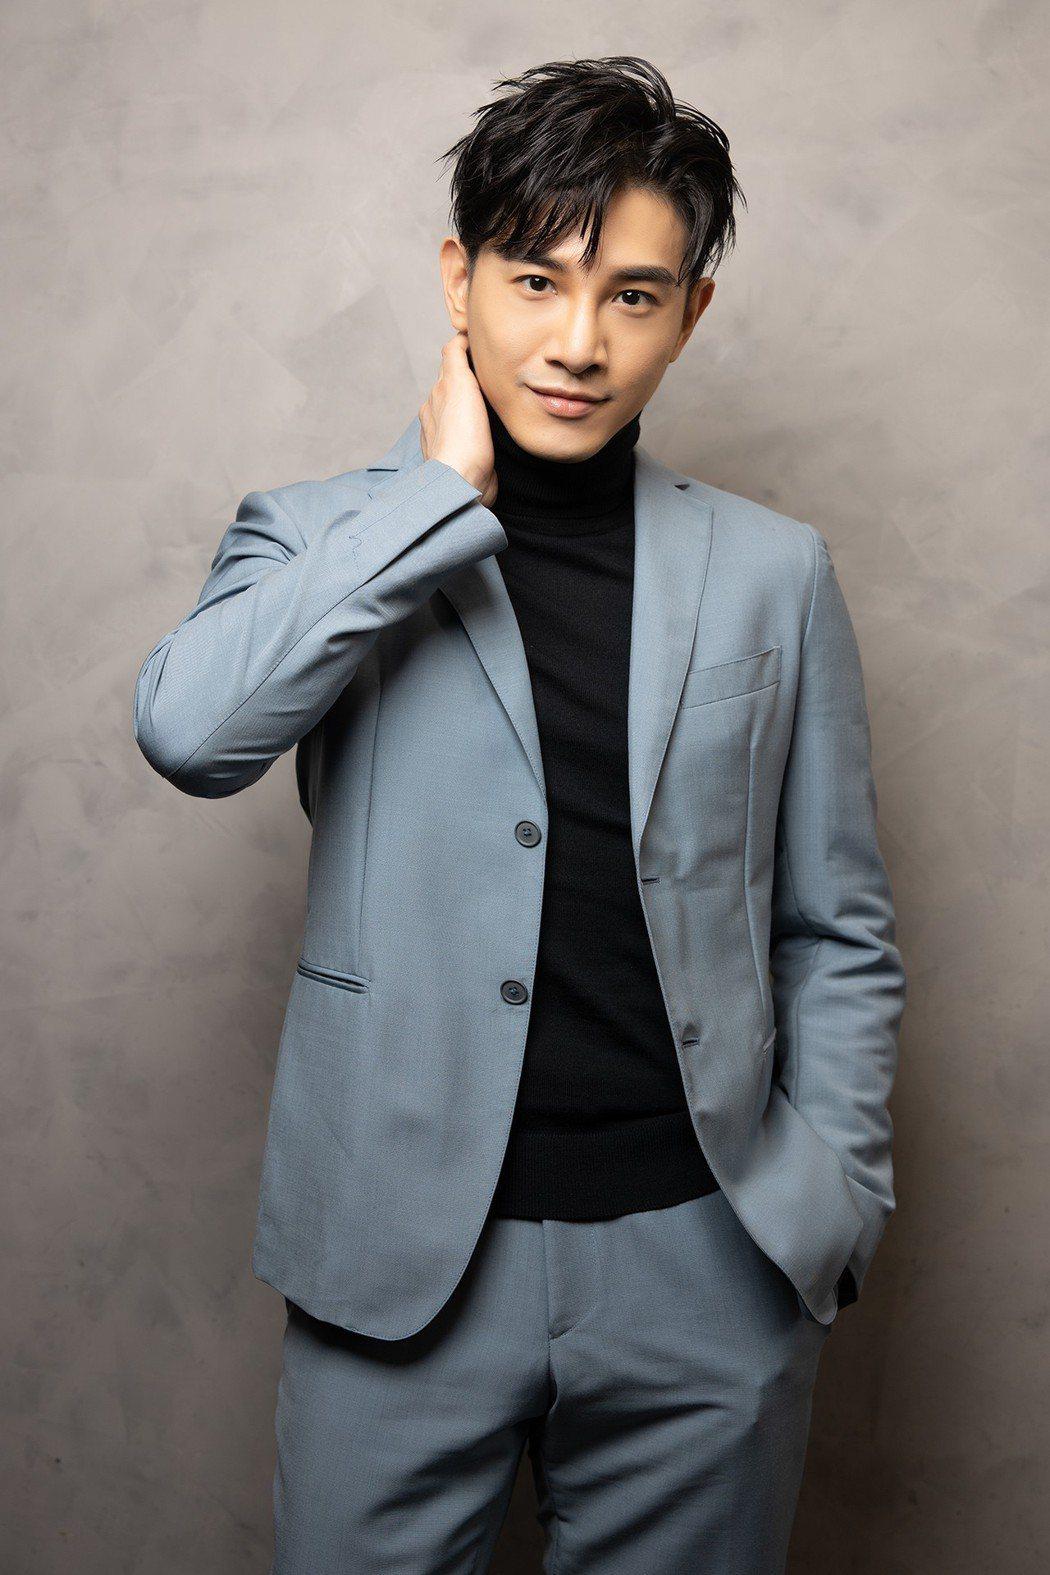 張立昂在2019 Hito流行音樂獎頒獎典禮擔任演出嘉賓。圖/索尼提供